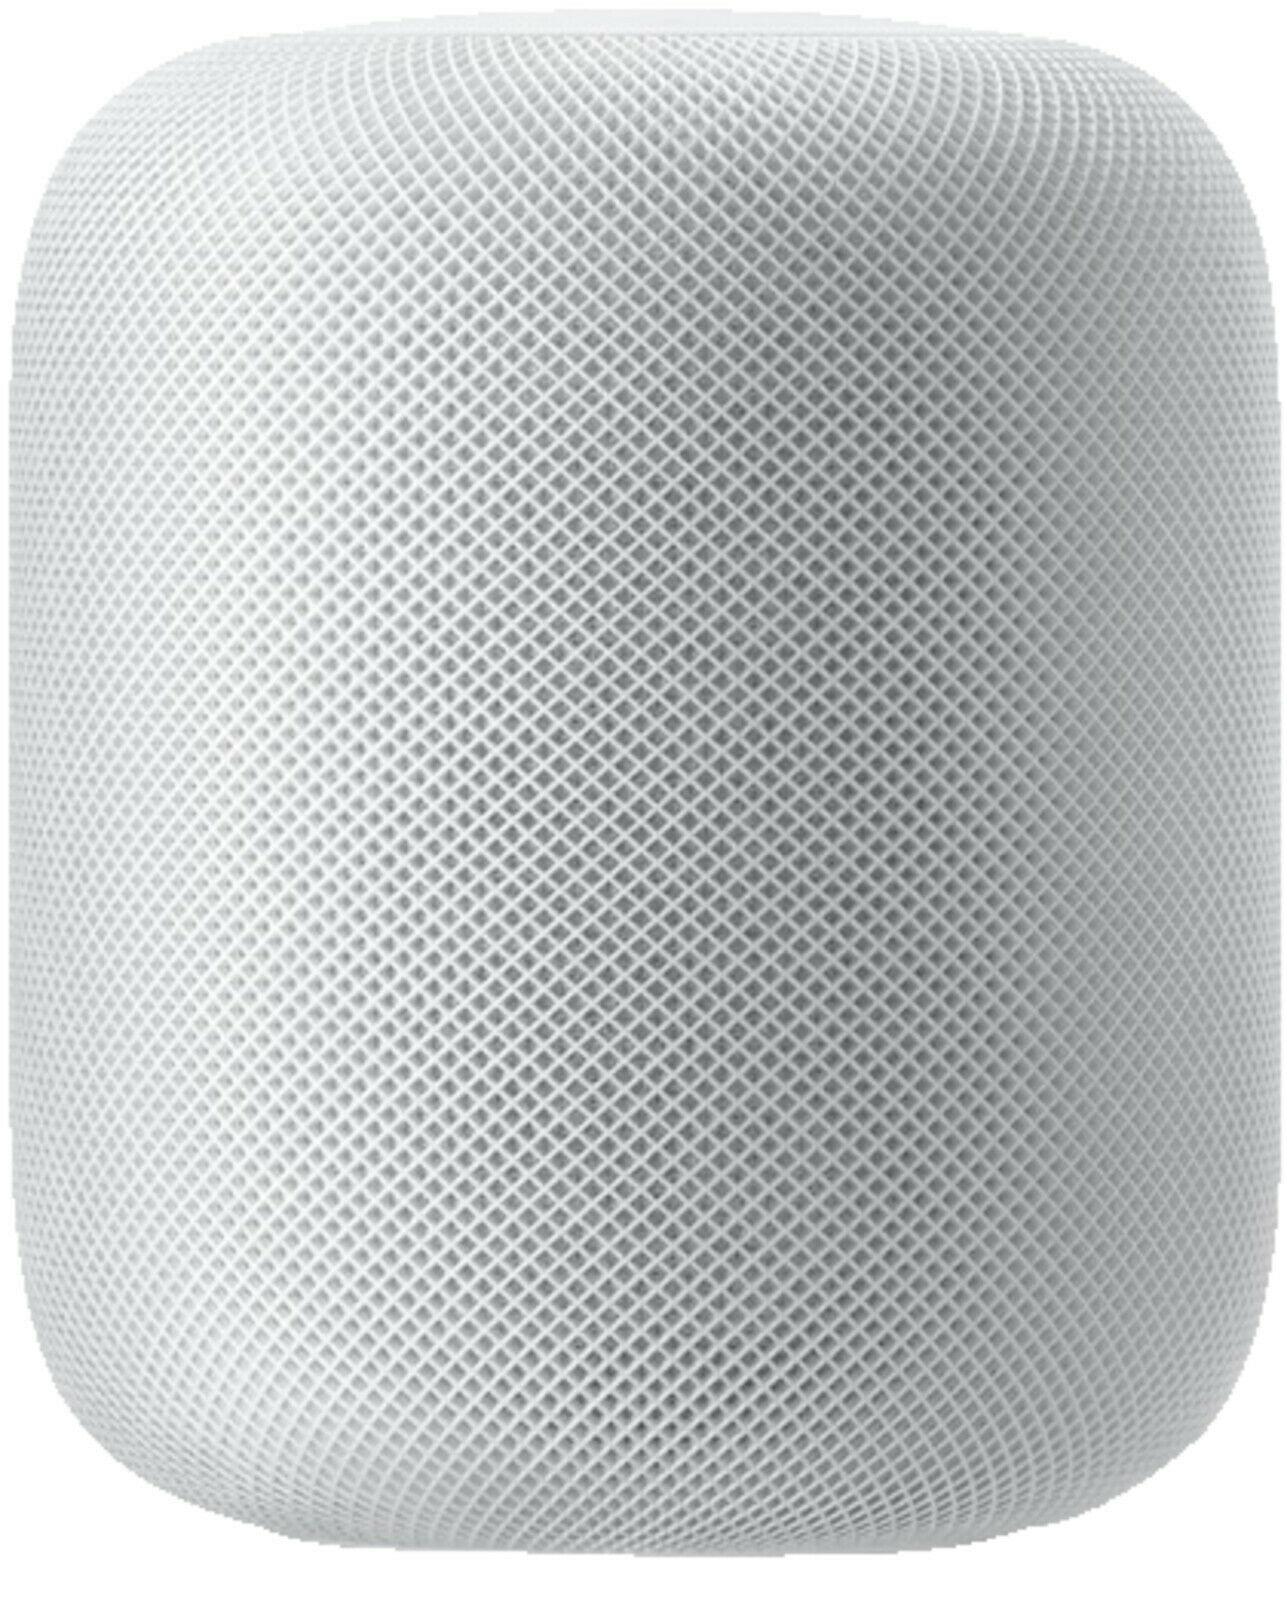 Apple HomePod Space Gray / Weis | Neuware von MediaMarkt | WLAN-Lautsprecher